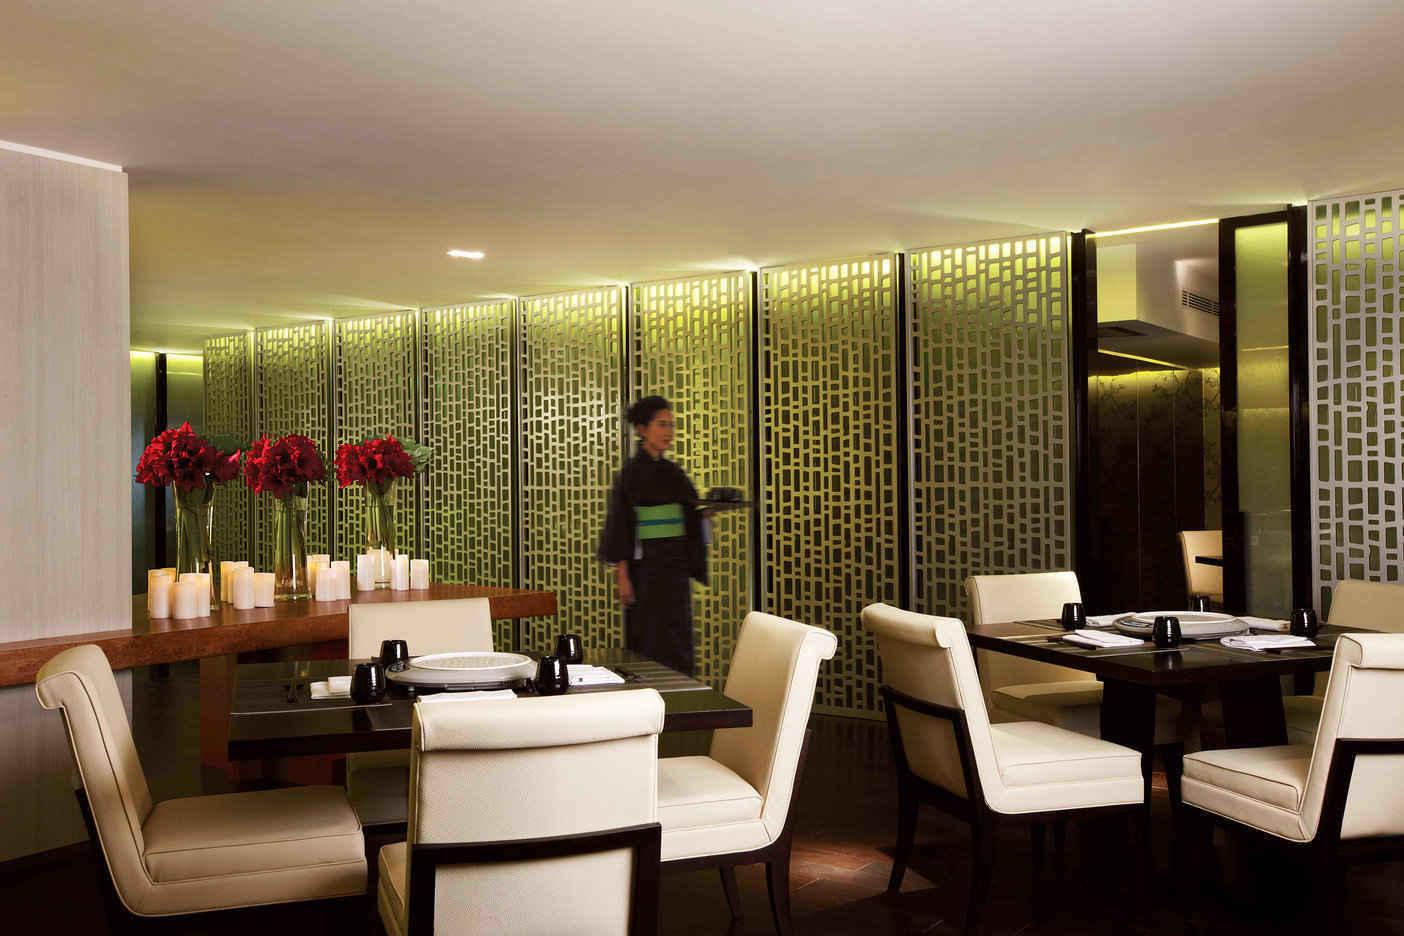 Interior 1 at Aoki